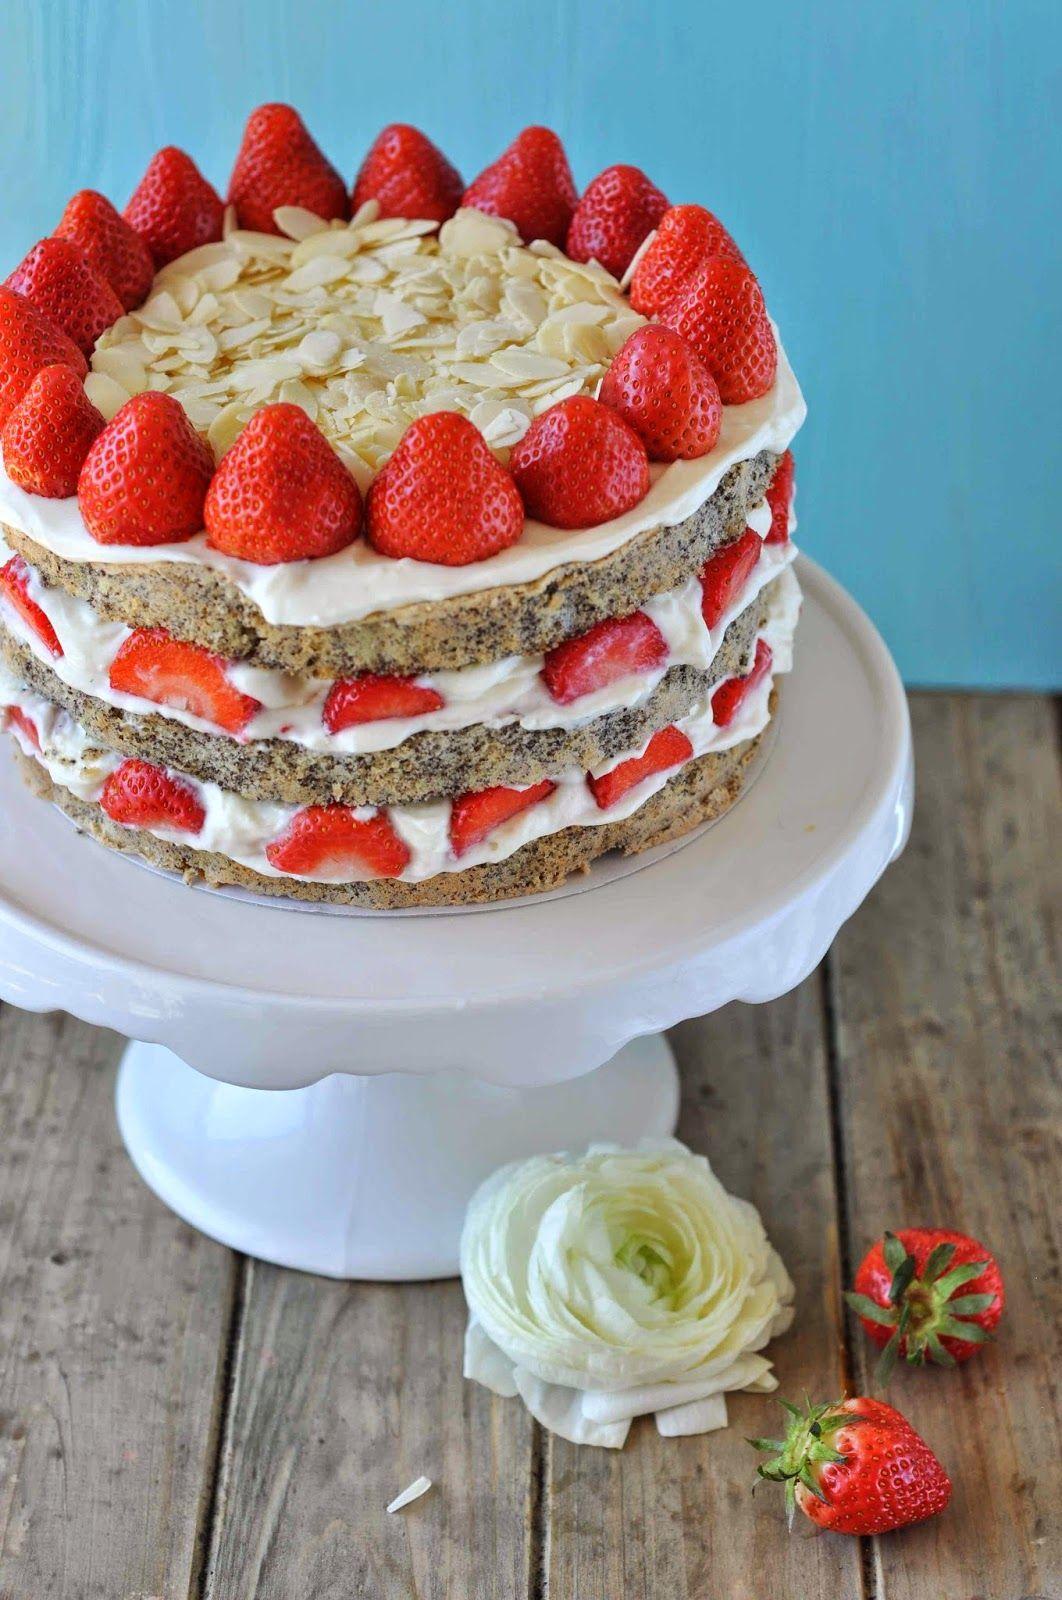 mohn erdbeer t rtchen torte quark sahne mandeln sommer lecker rezept einfach kuchen cake love. Black Bedroom Furniture Sets. Home Design Ideas